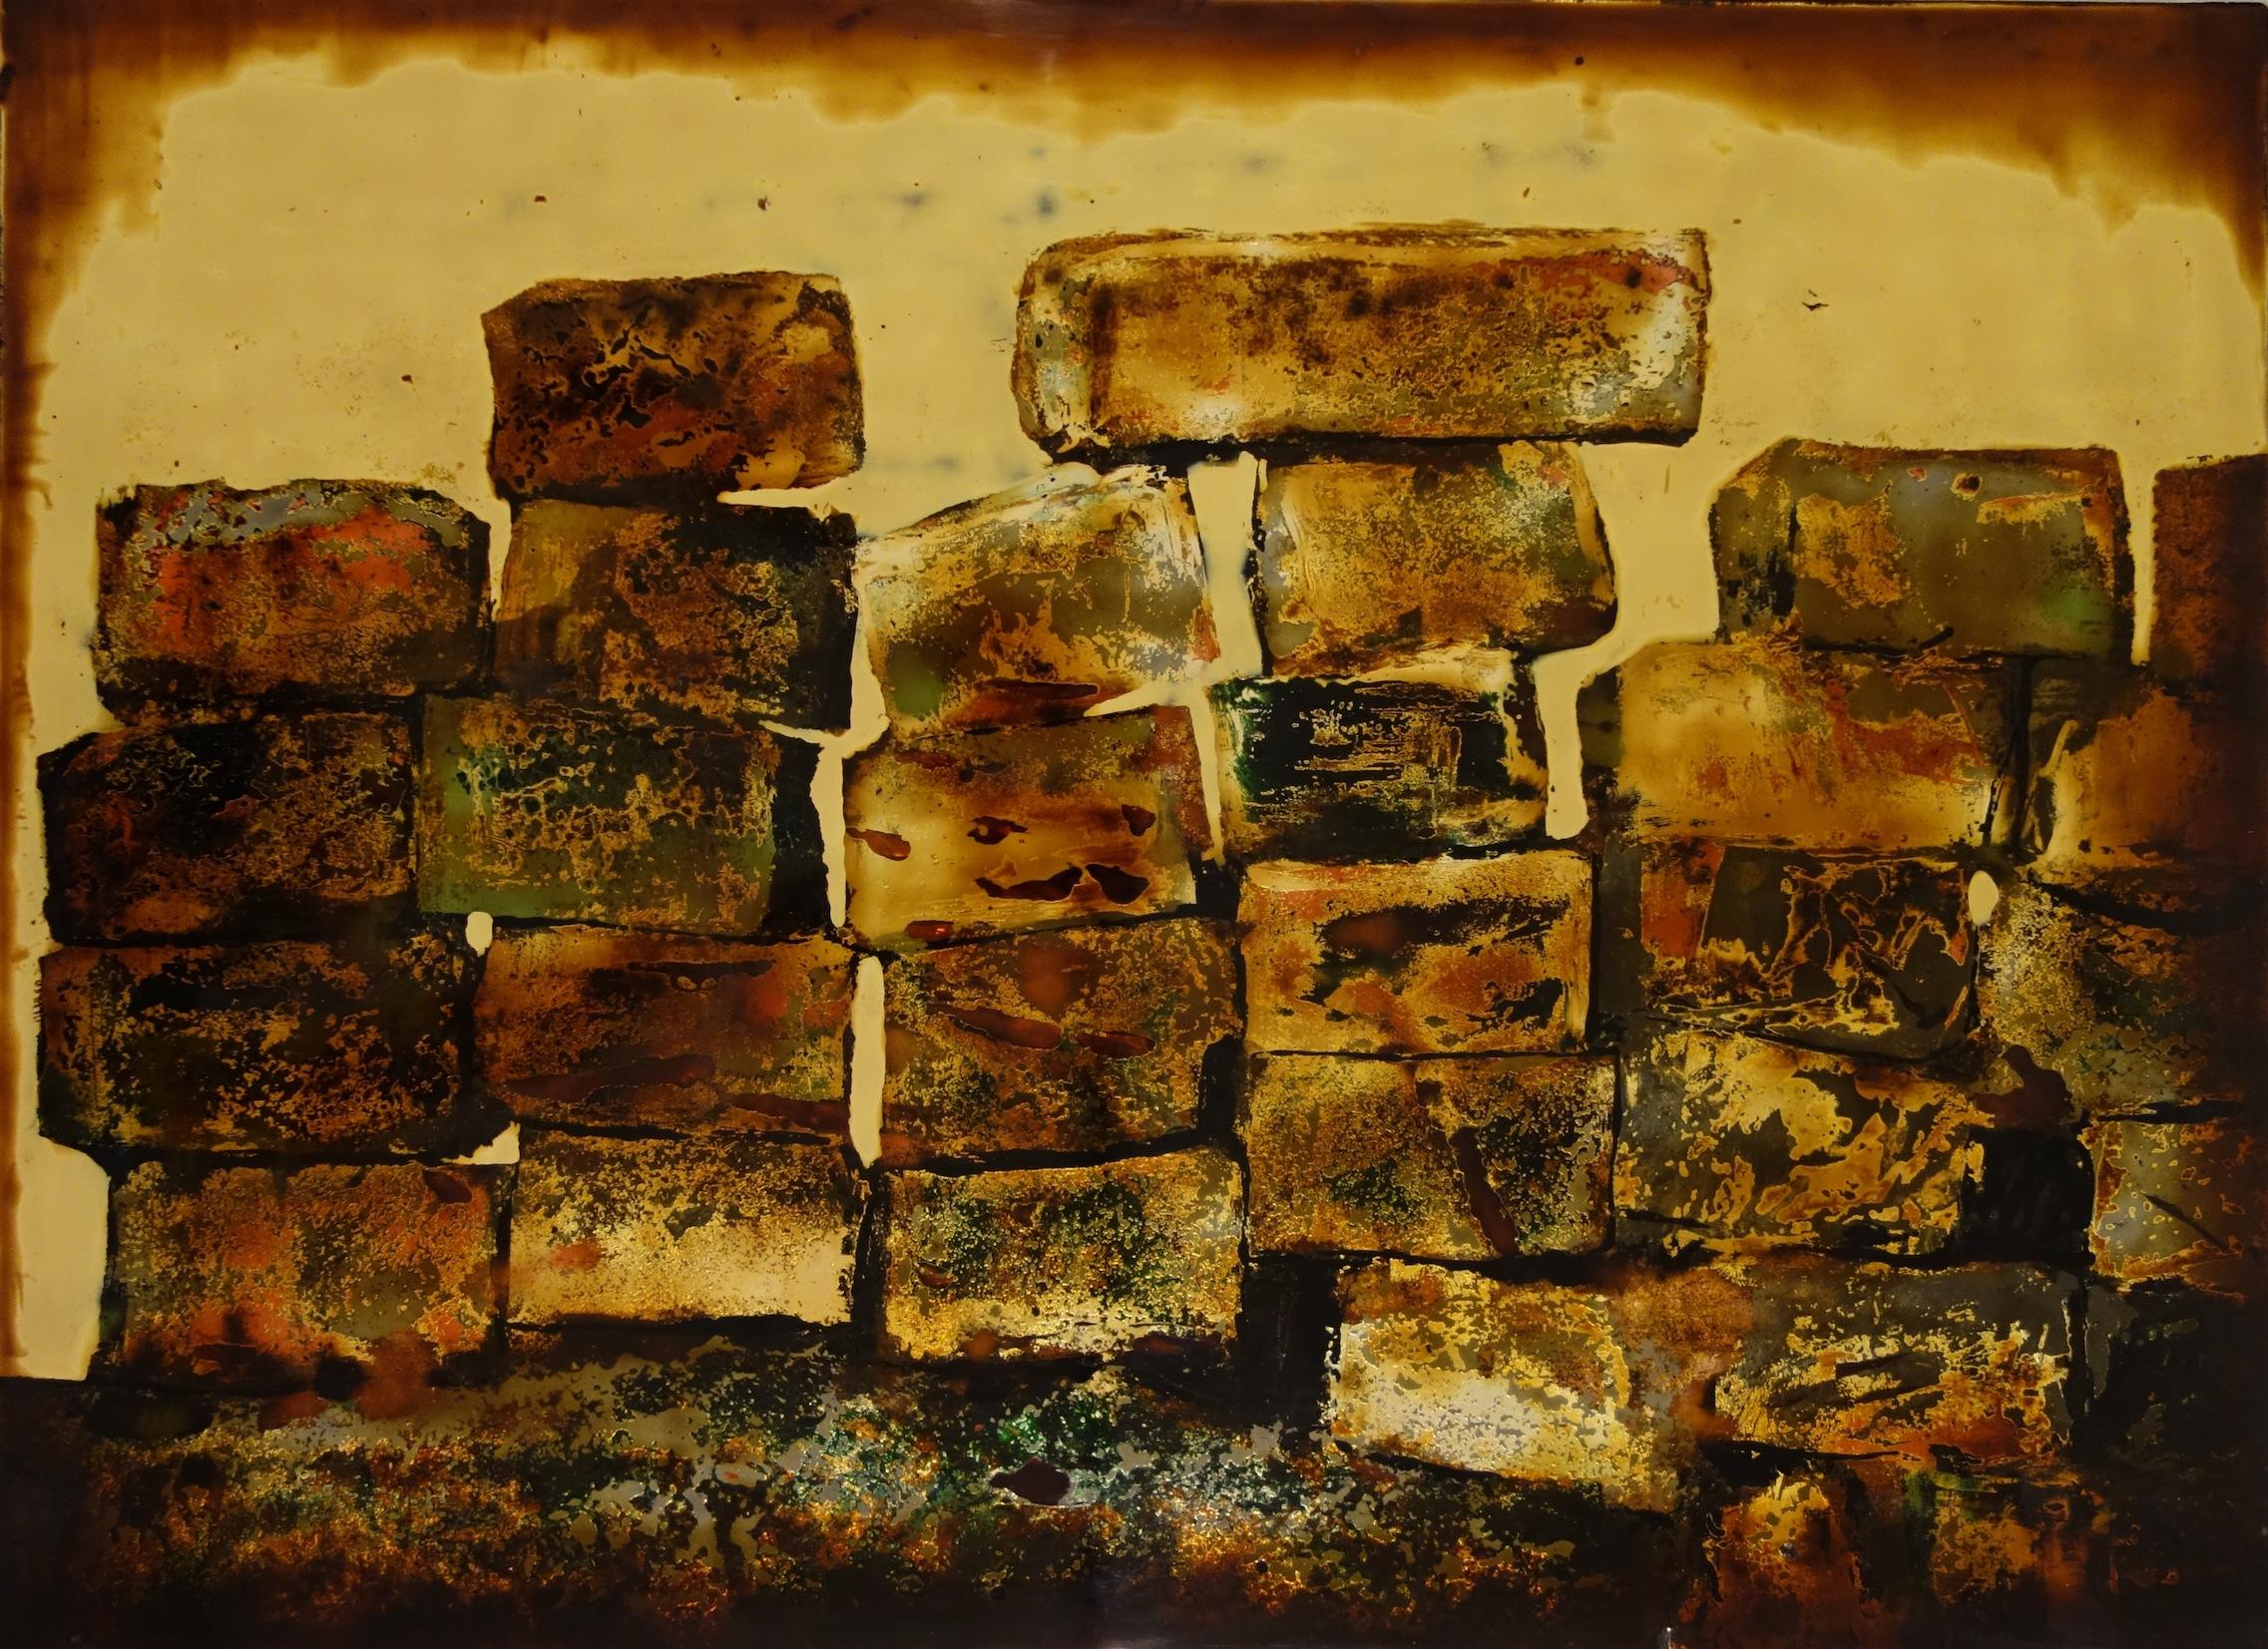 Cornerstone 3   2009   Son ta  lacquer on epoxy and fibreglass composite  H44.6 x W60.5 x D5.8 cm